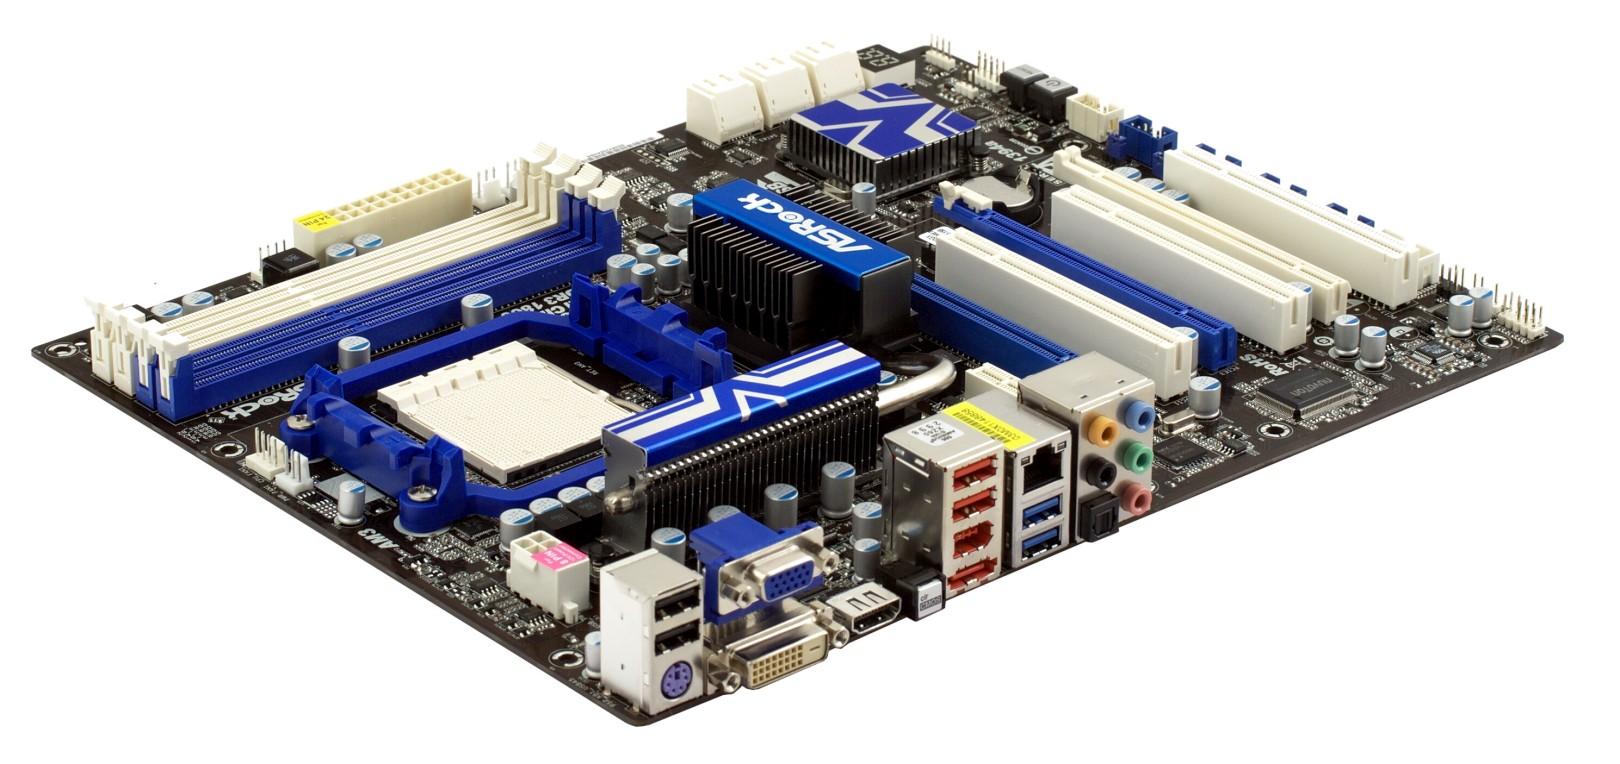 Asrock 890GX Pro3 AMD OverDrive Windows 8